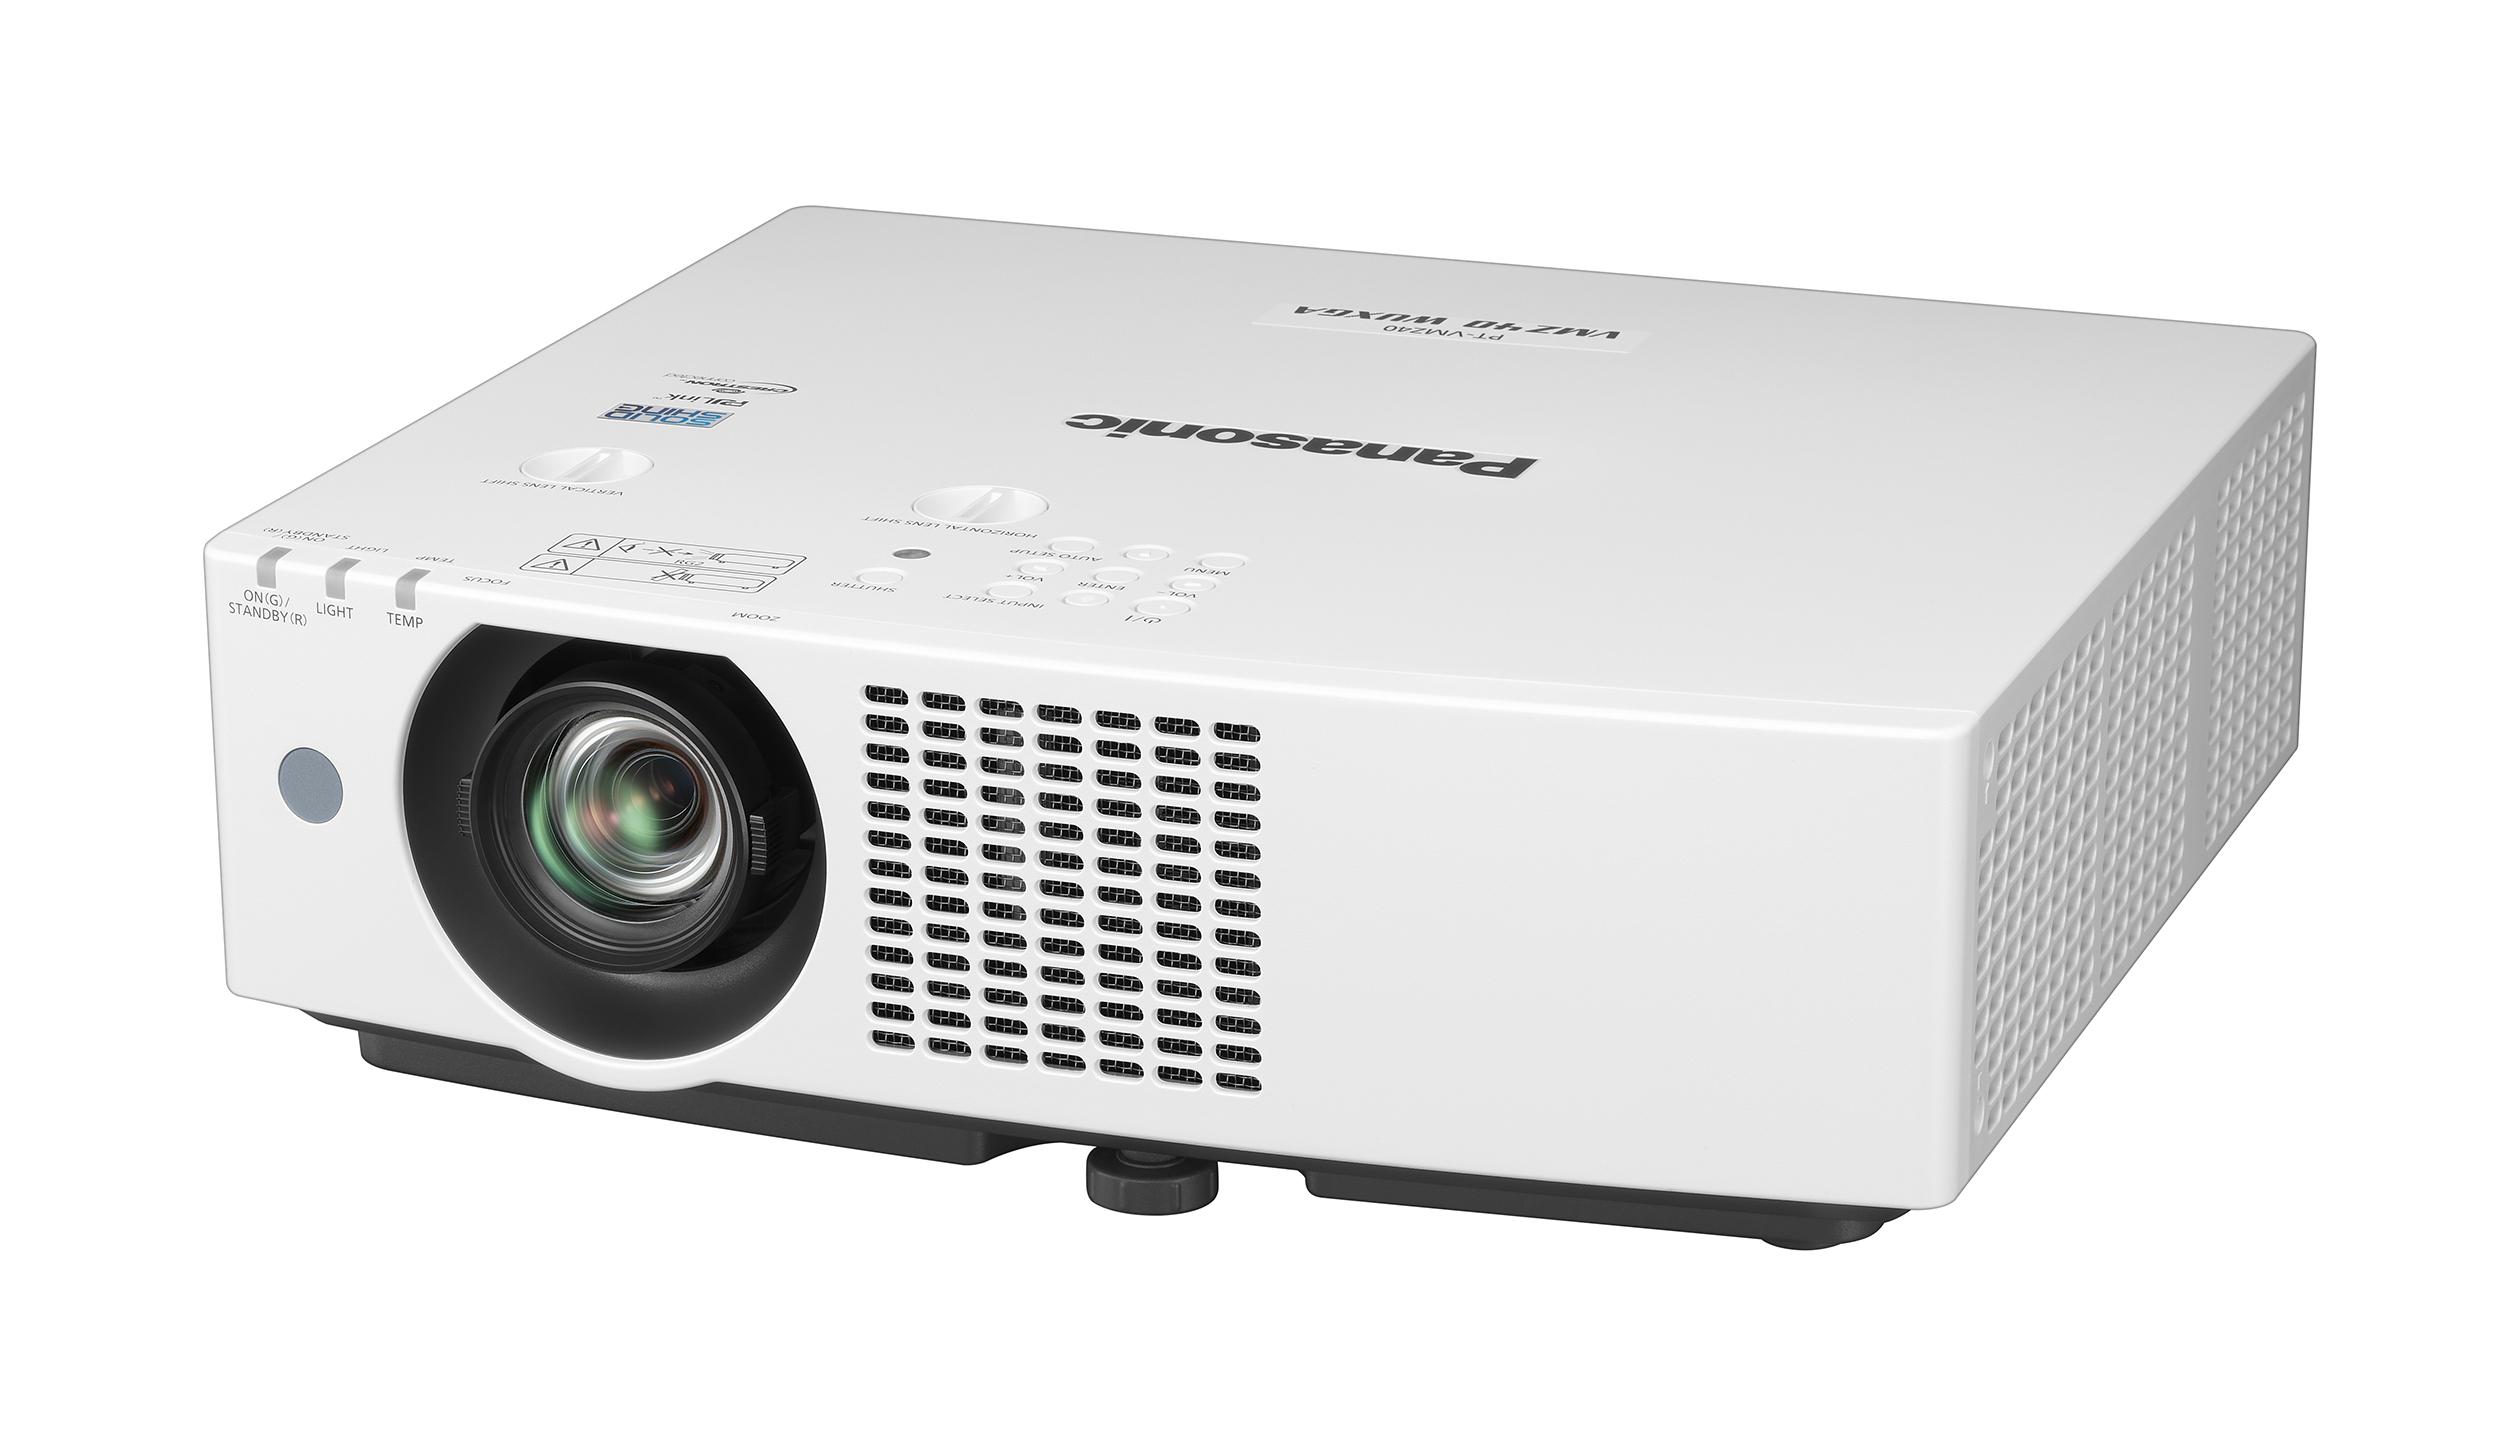 PANASONIC PANASONIC PT-VMZ50- Vidéoprojecteur laser LCD, 5 000 lumens, WUXGA - Un rapport de projection de 1,09:1 - 4K